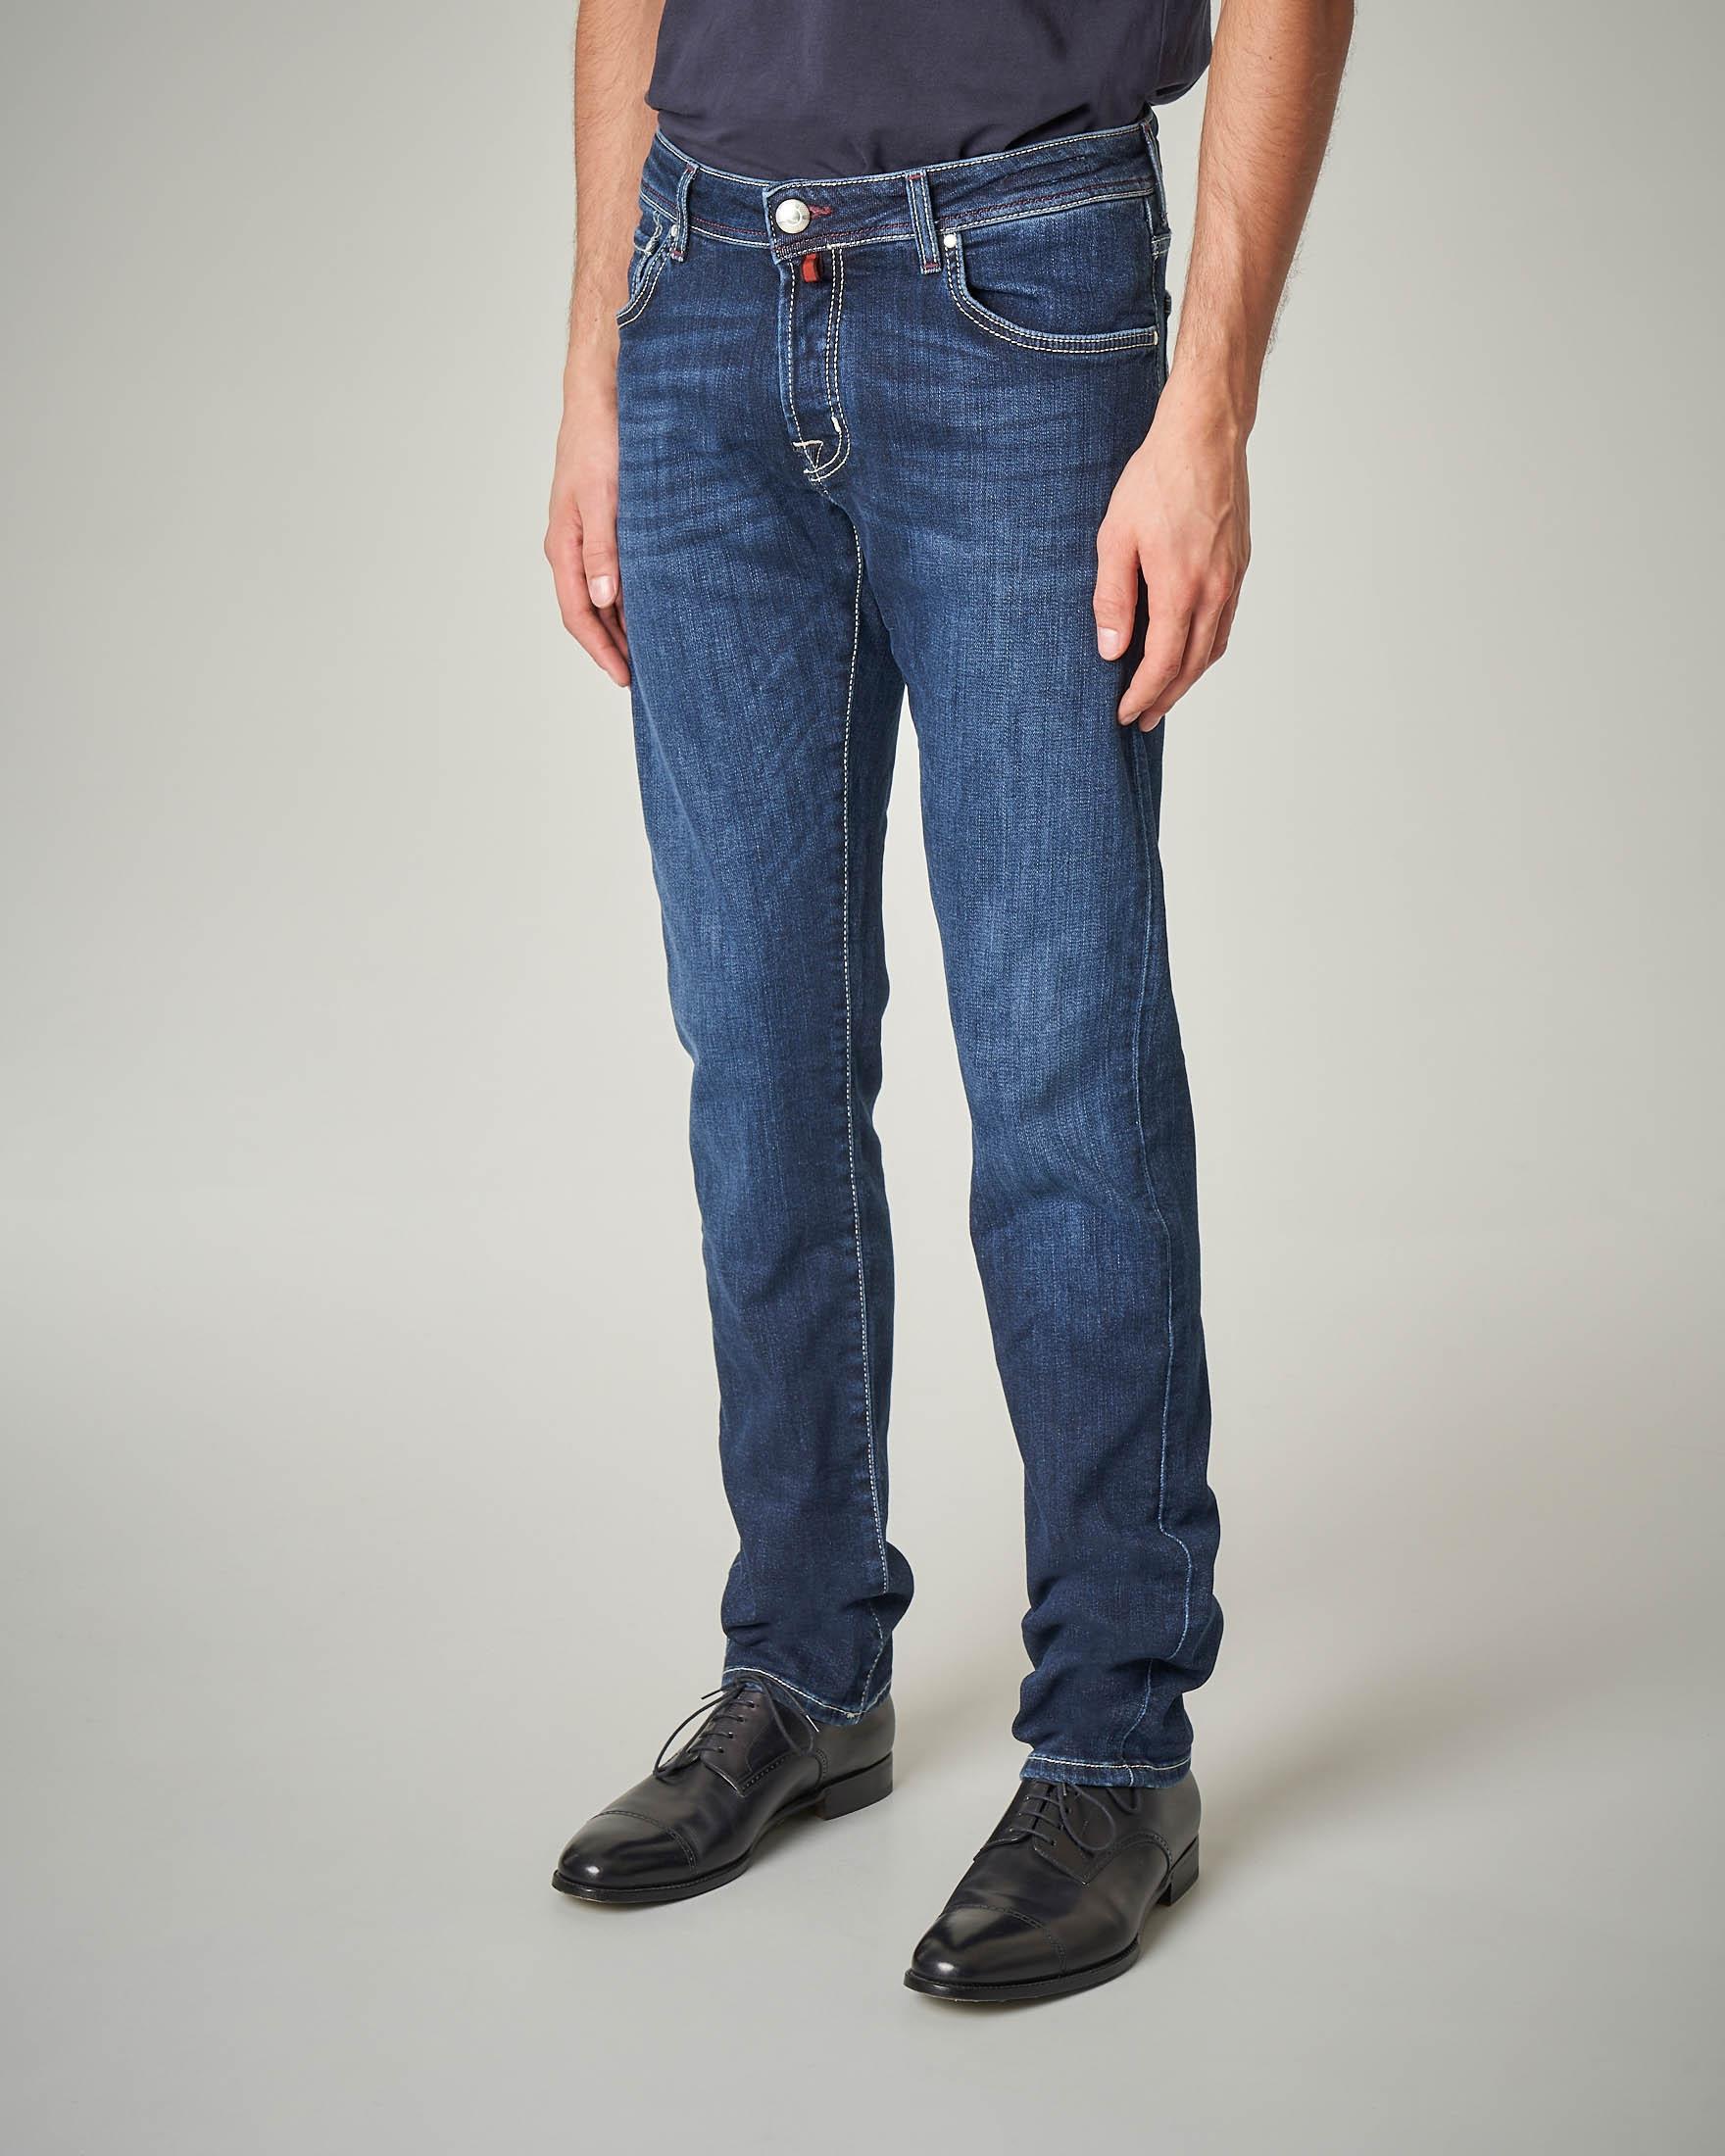 Jeans lavaggio medio-scuro